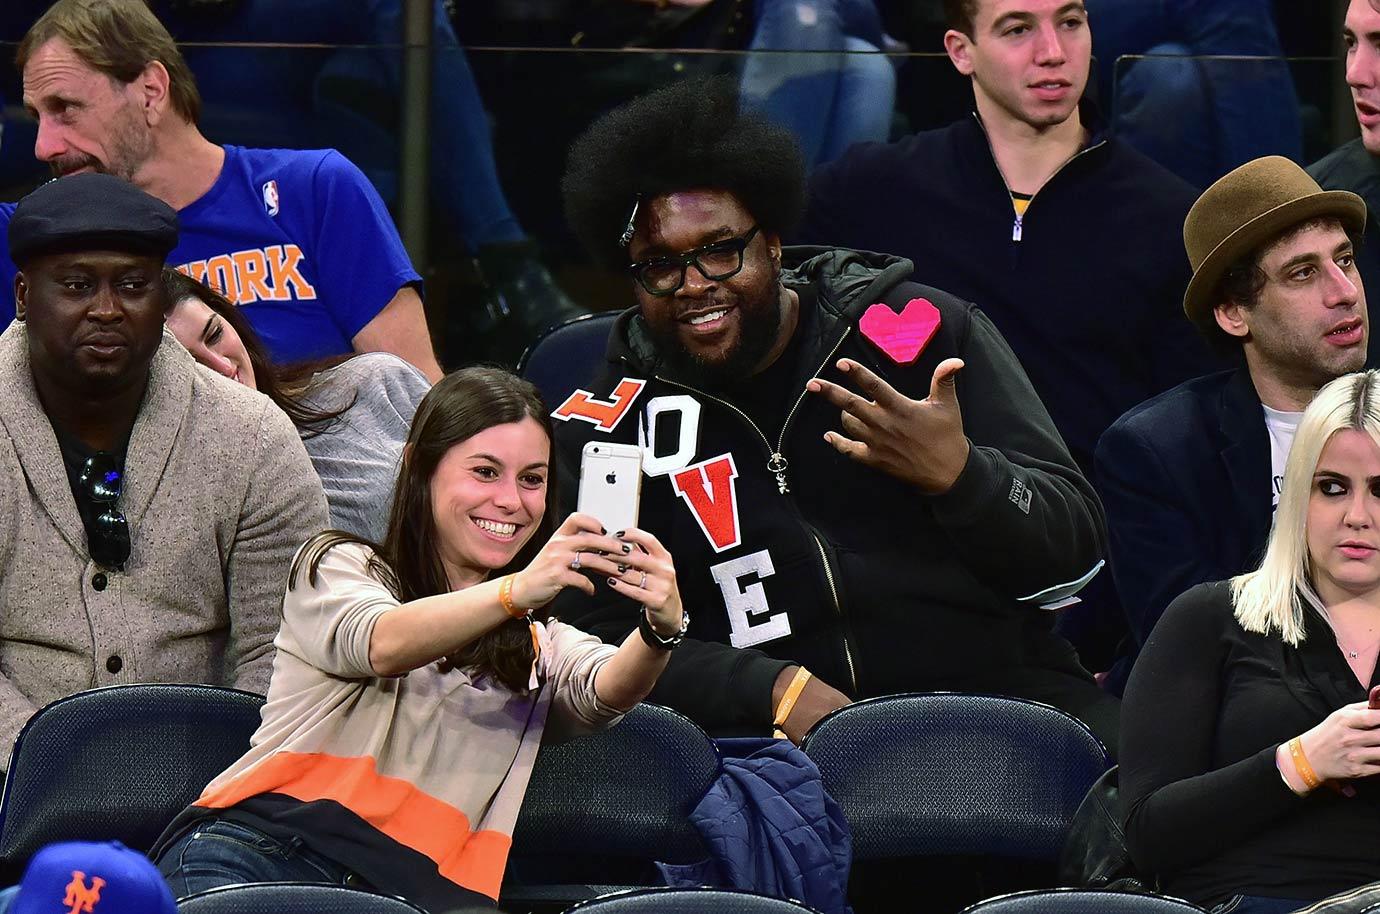 Nov. 27, 2015 — Knicks vs. Heat at Madison Square Garden in New York City